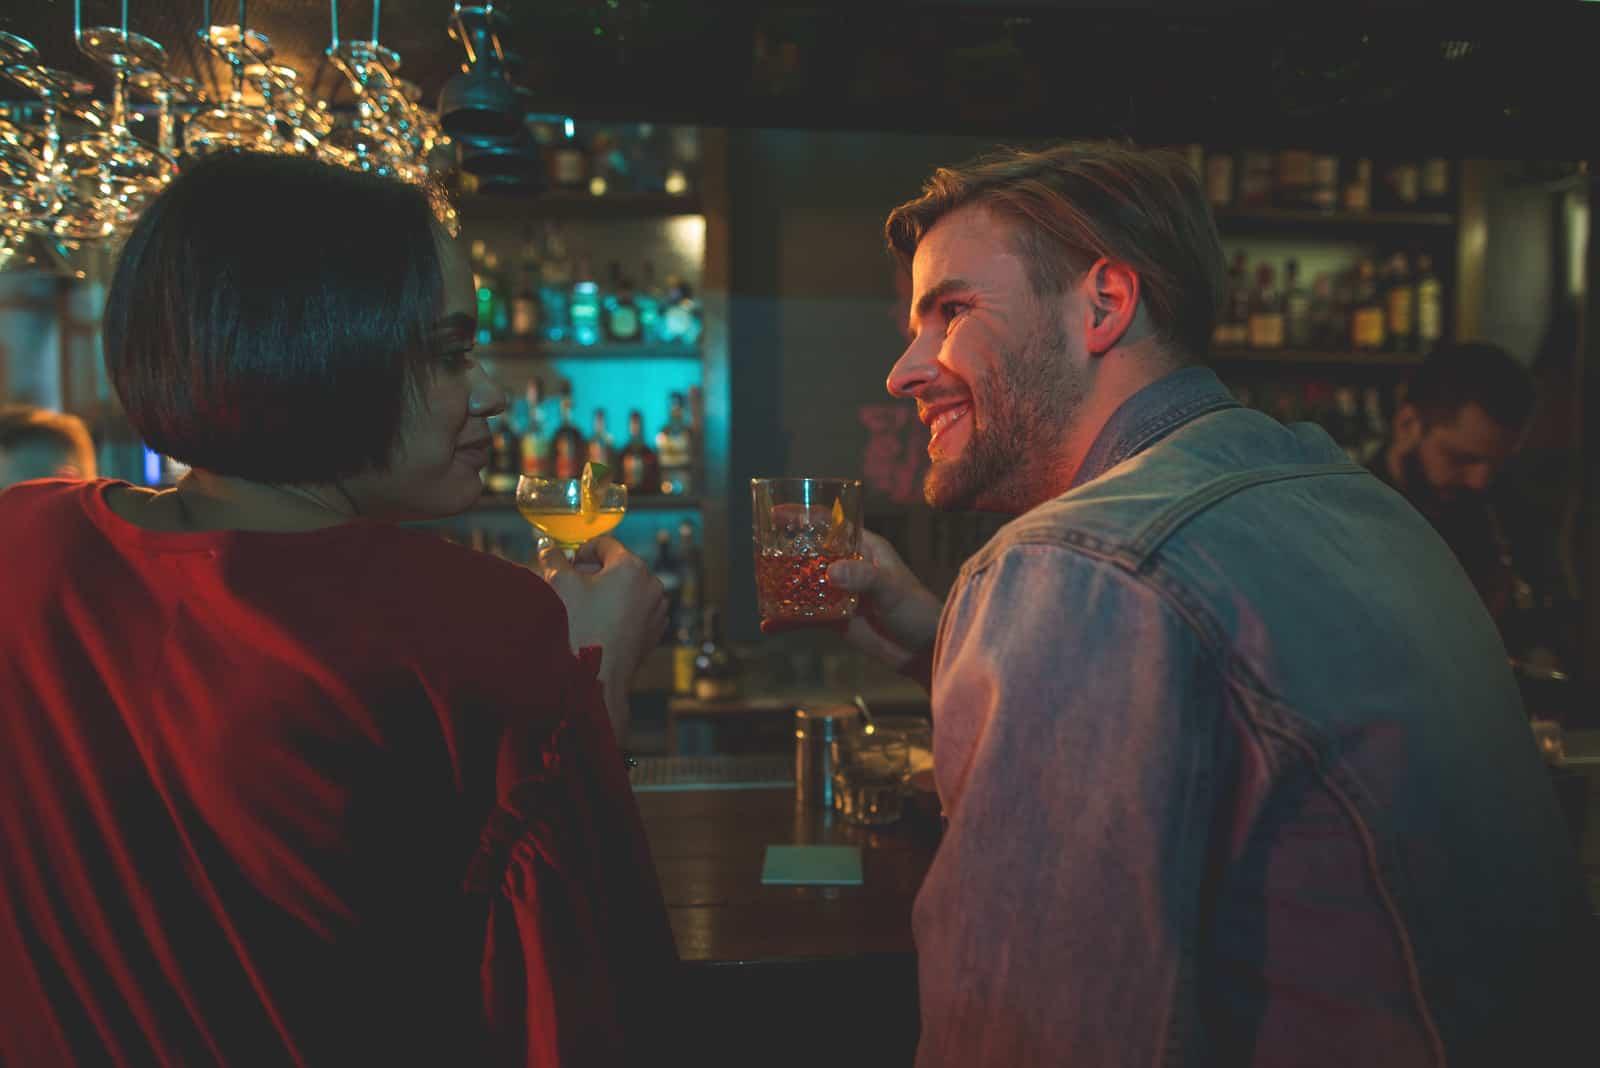 homme et femme prenant un verre dans un bar